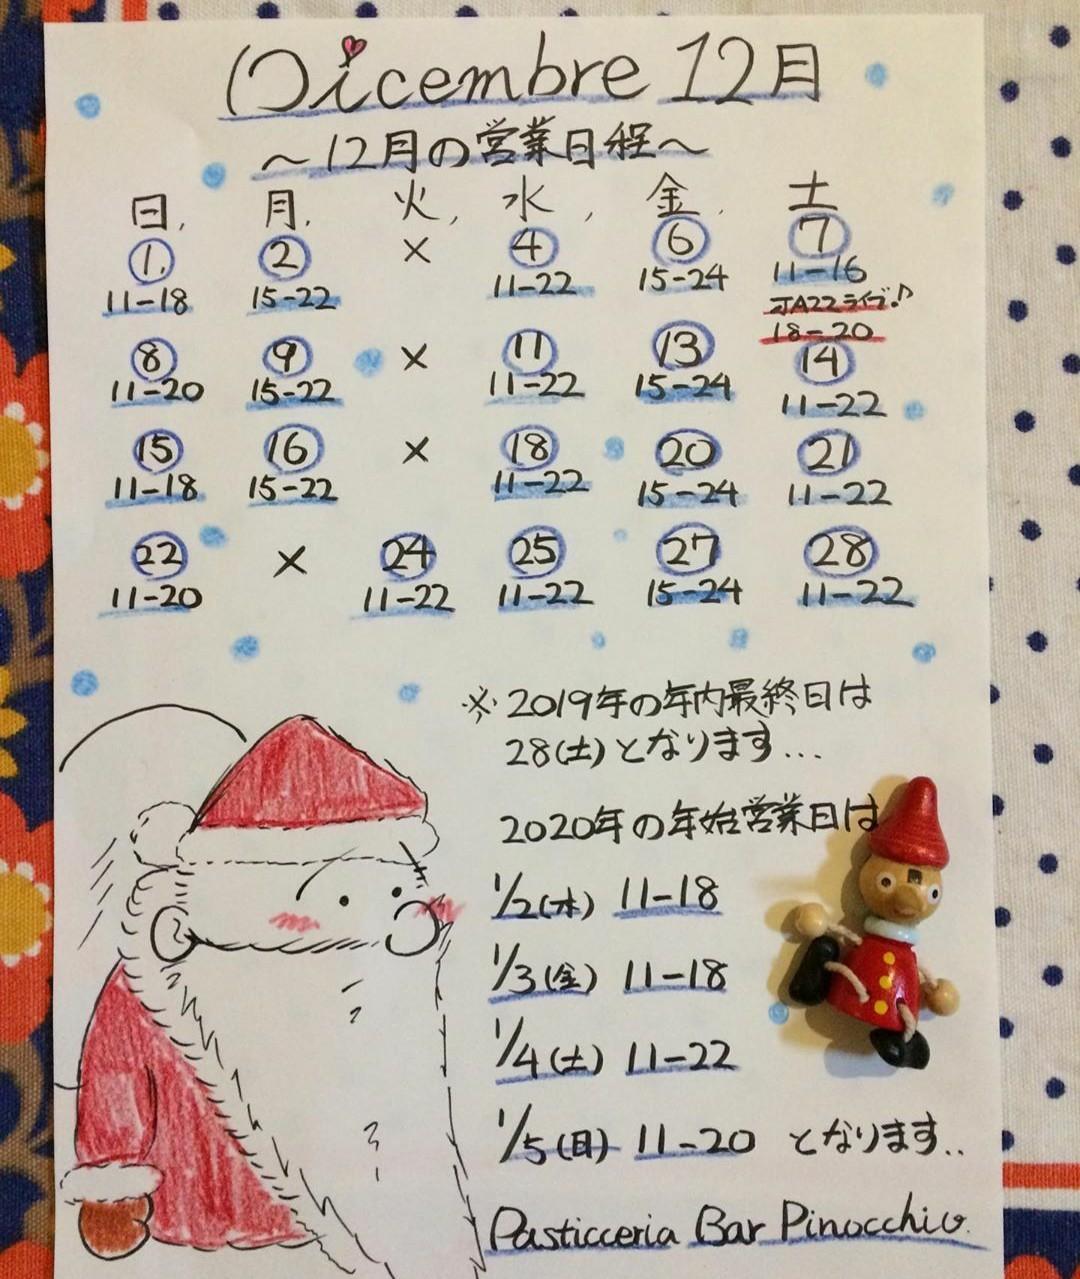 φ(..) カキカキヌリヌリ          @富士見ヶ丘ピノッキオさん_e0212073_21451040.jpg